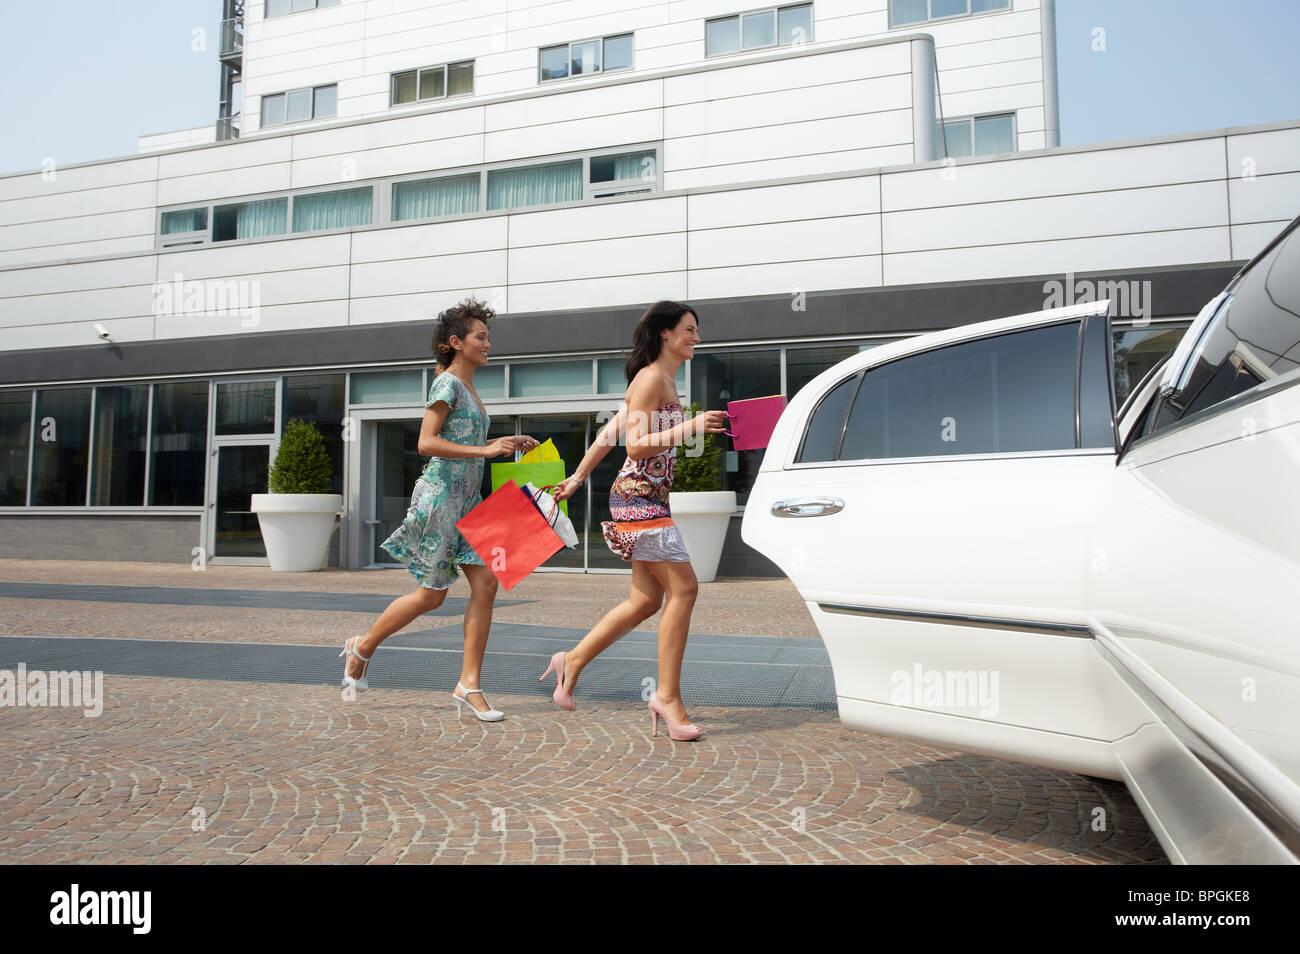 La mujer corriendo al coche con bolsas de la compra. Foto de stock